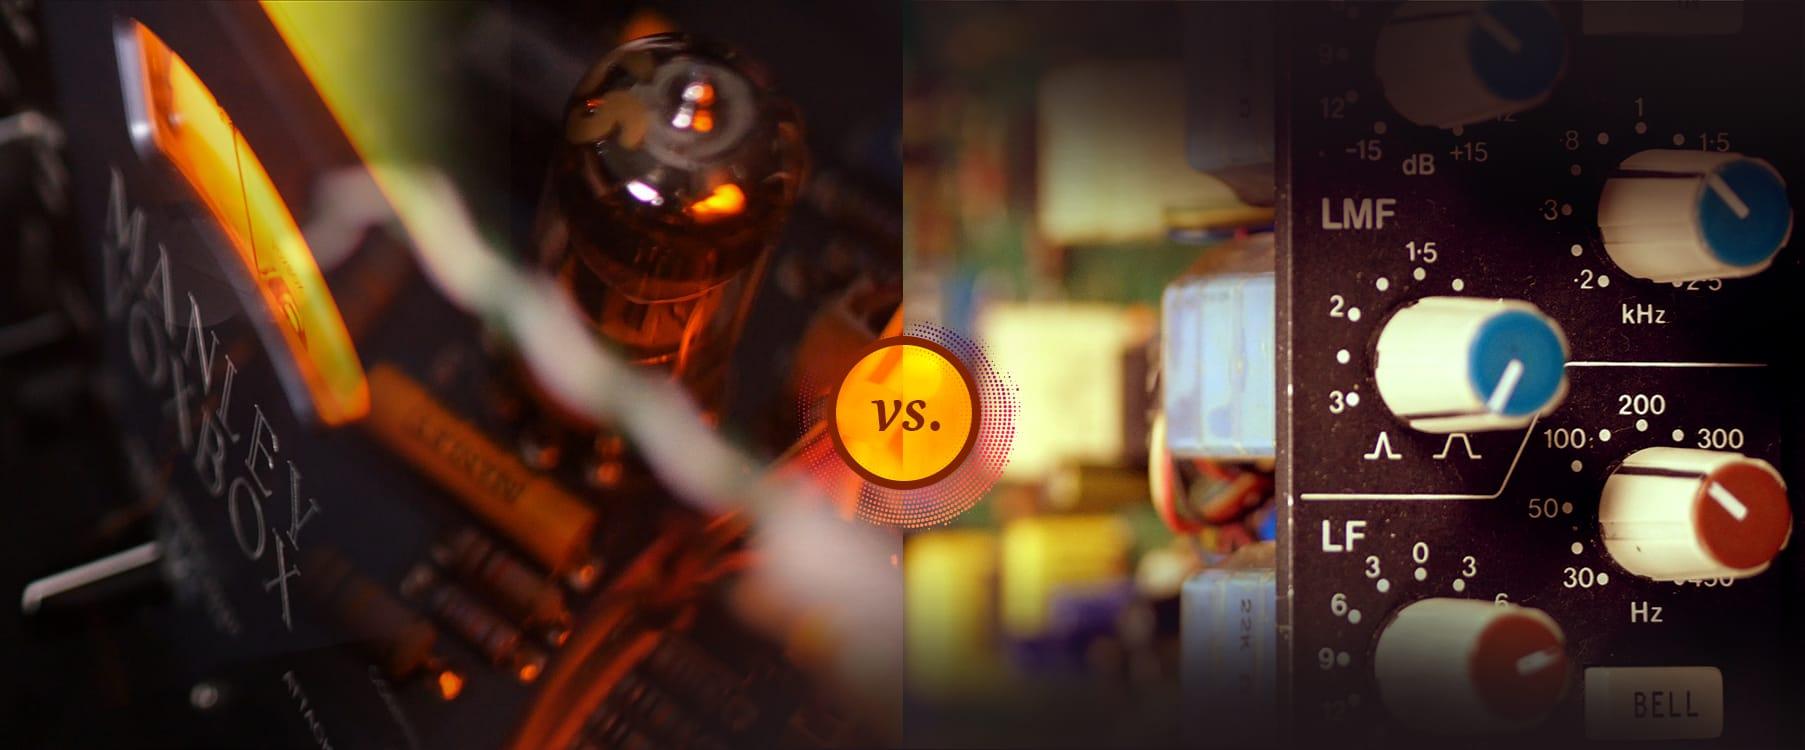 Tube Versus Solid-State Compressor Basics